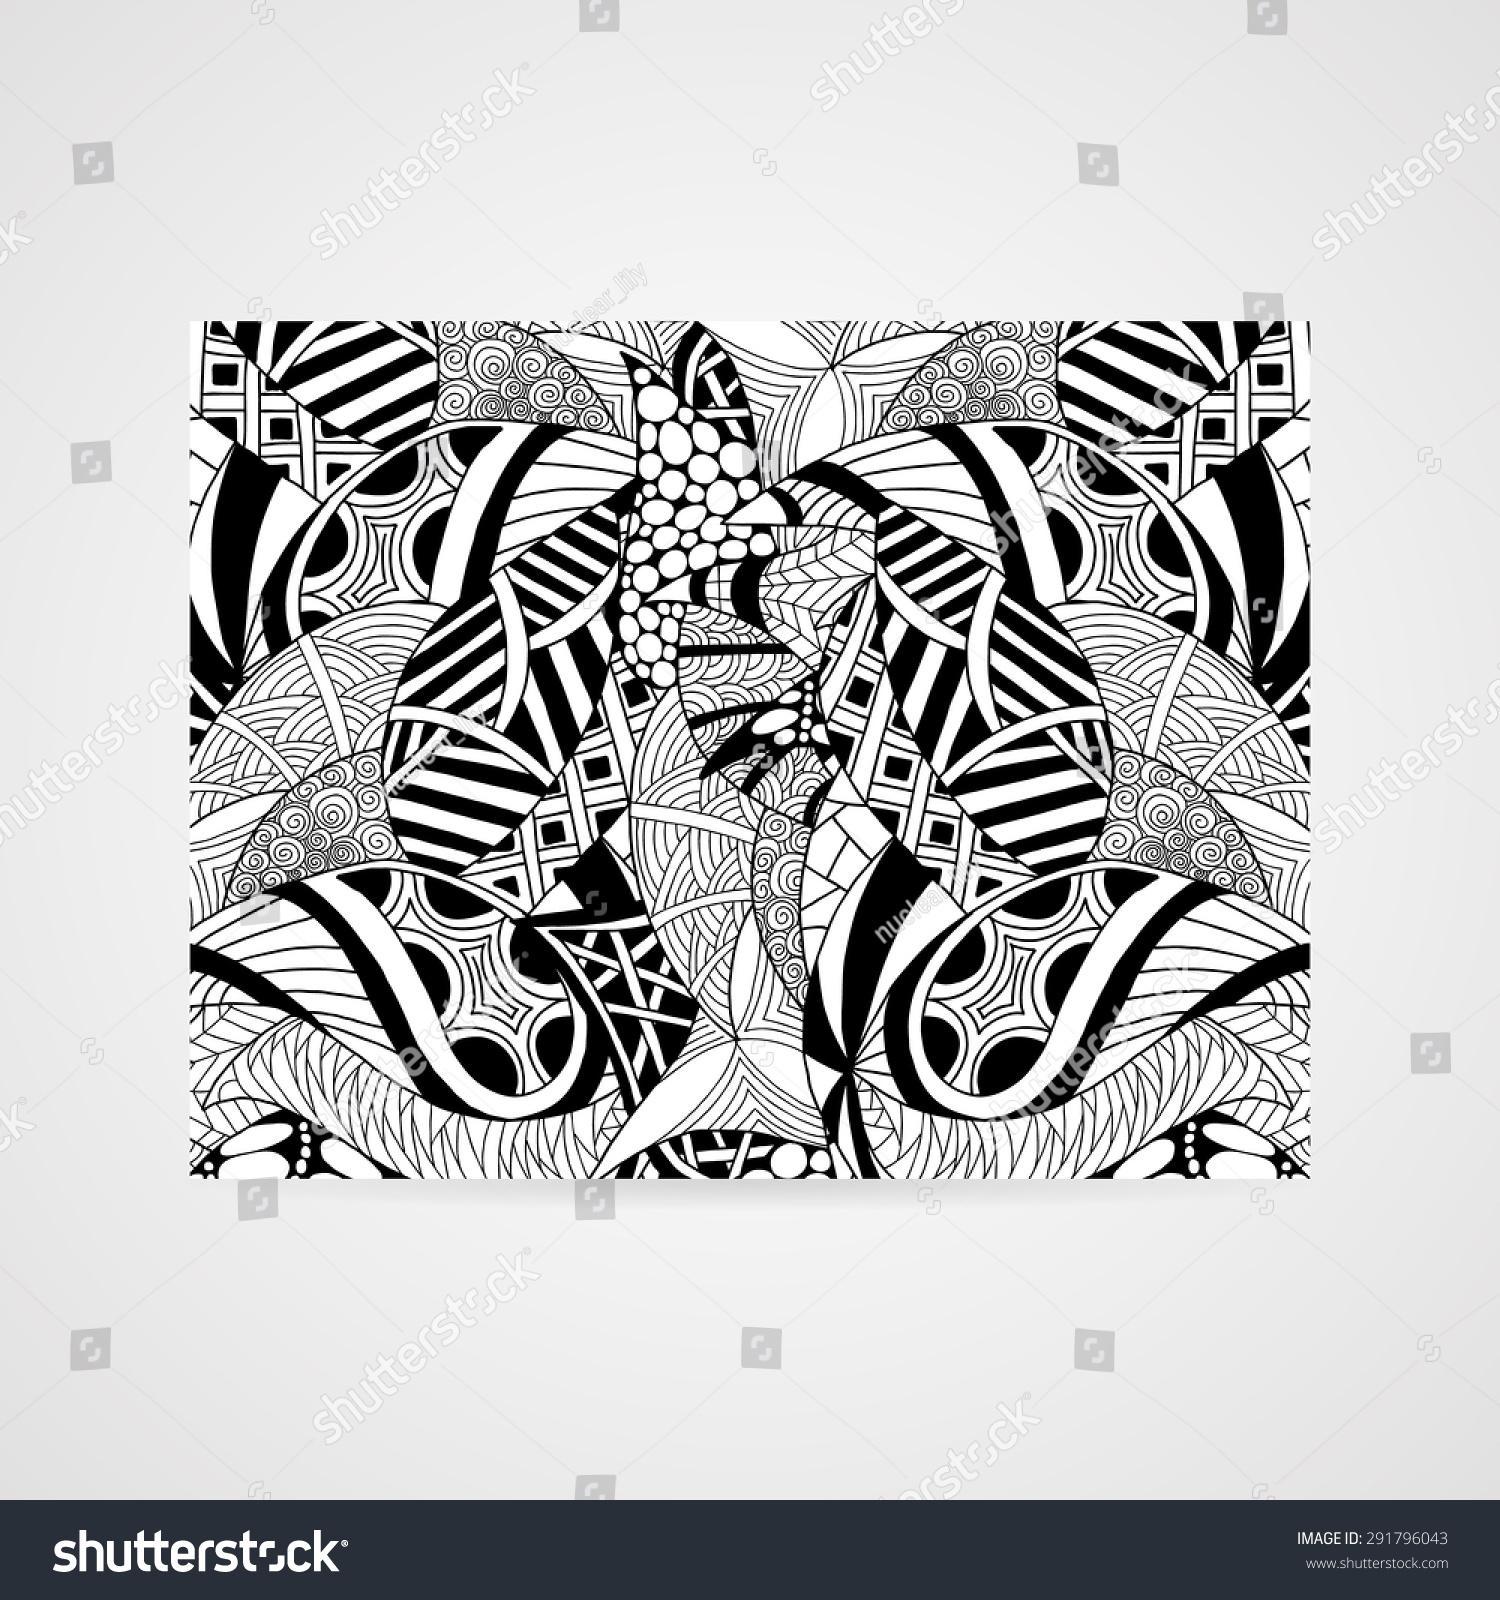 抽象的手绘图案.矢量插图在黑色和白色的颜色.